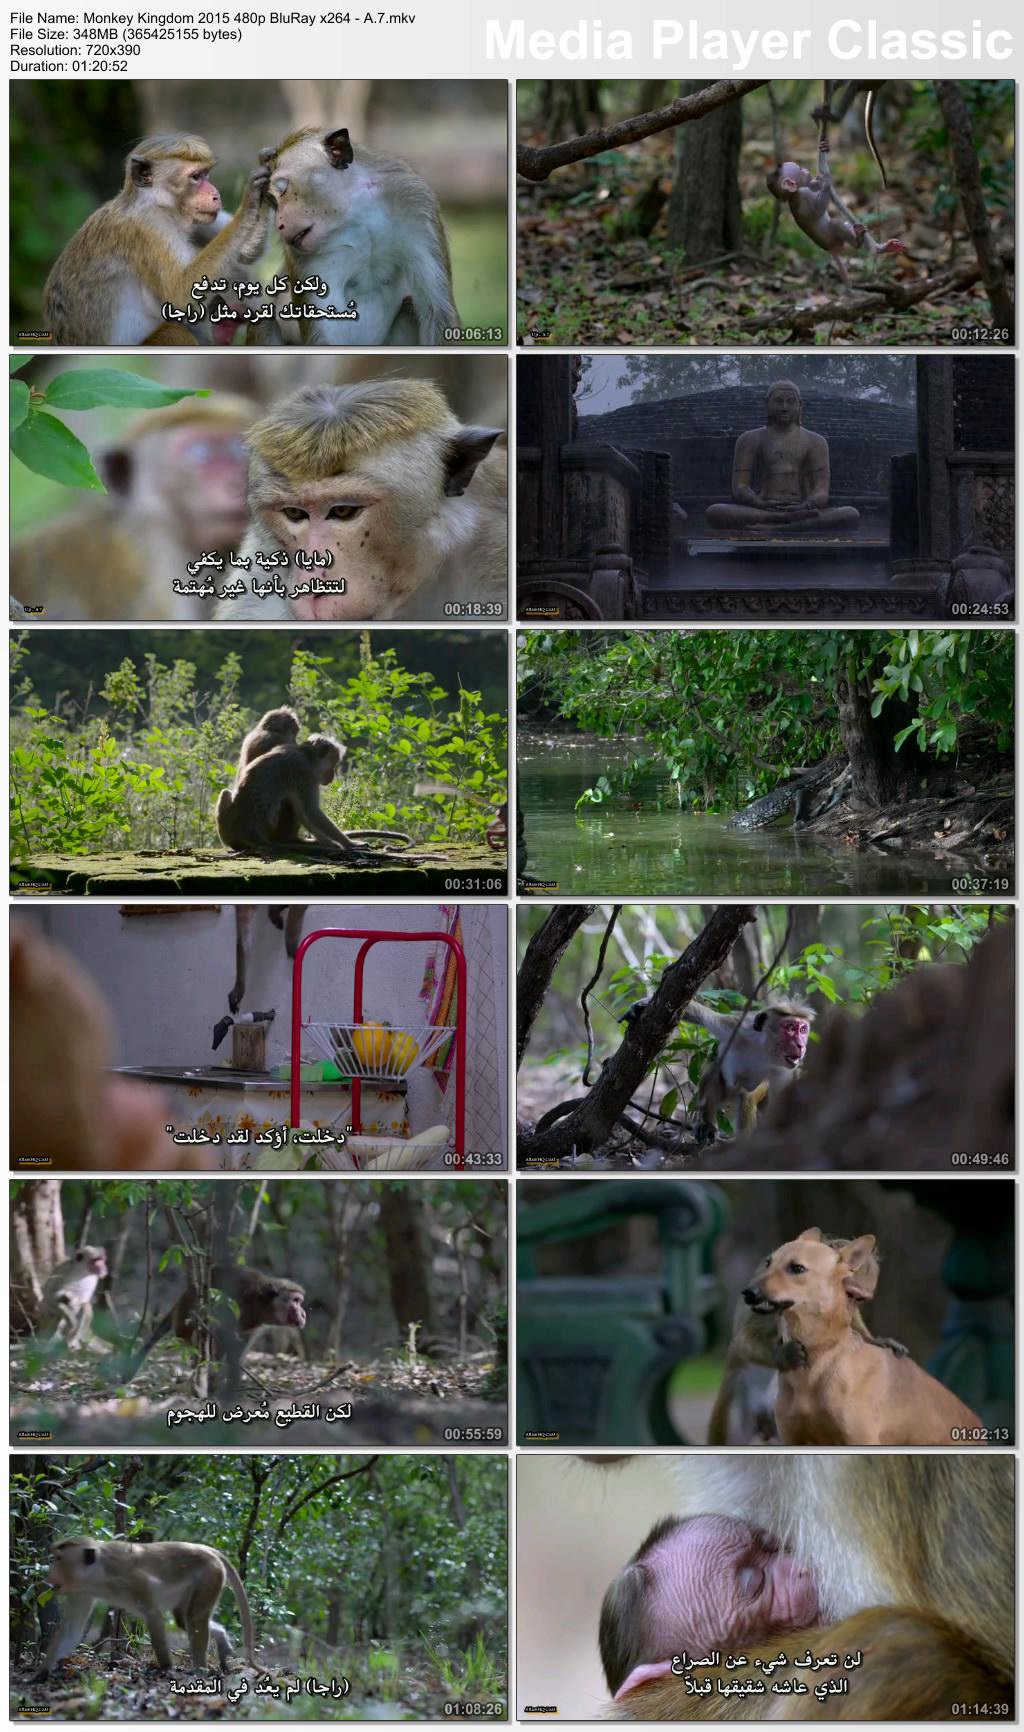 فيلم Monkey Kingdom 2015 مترجم